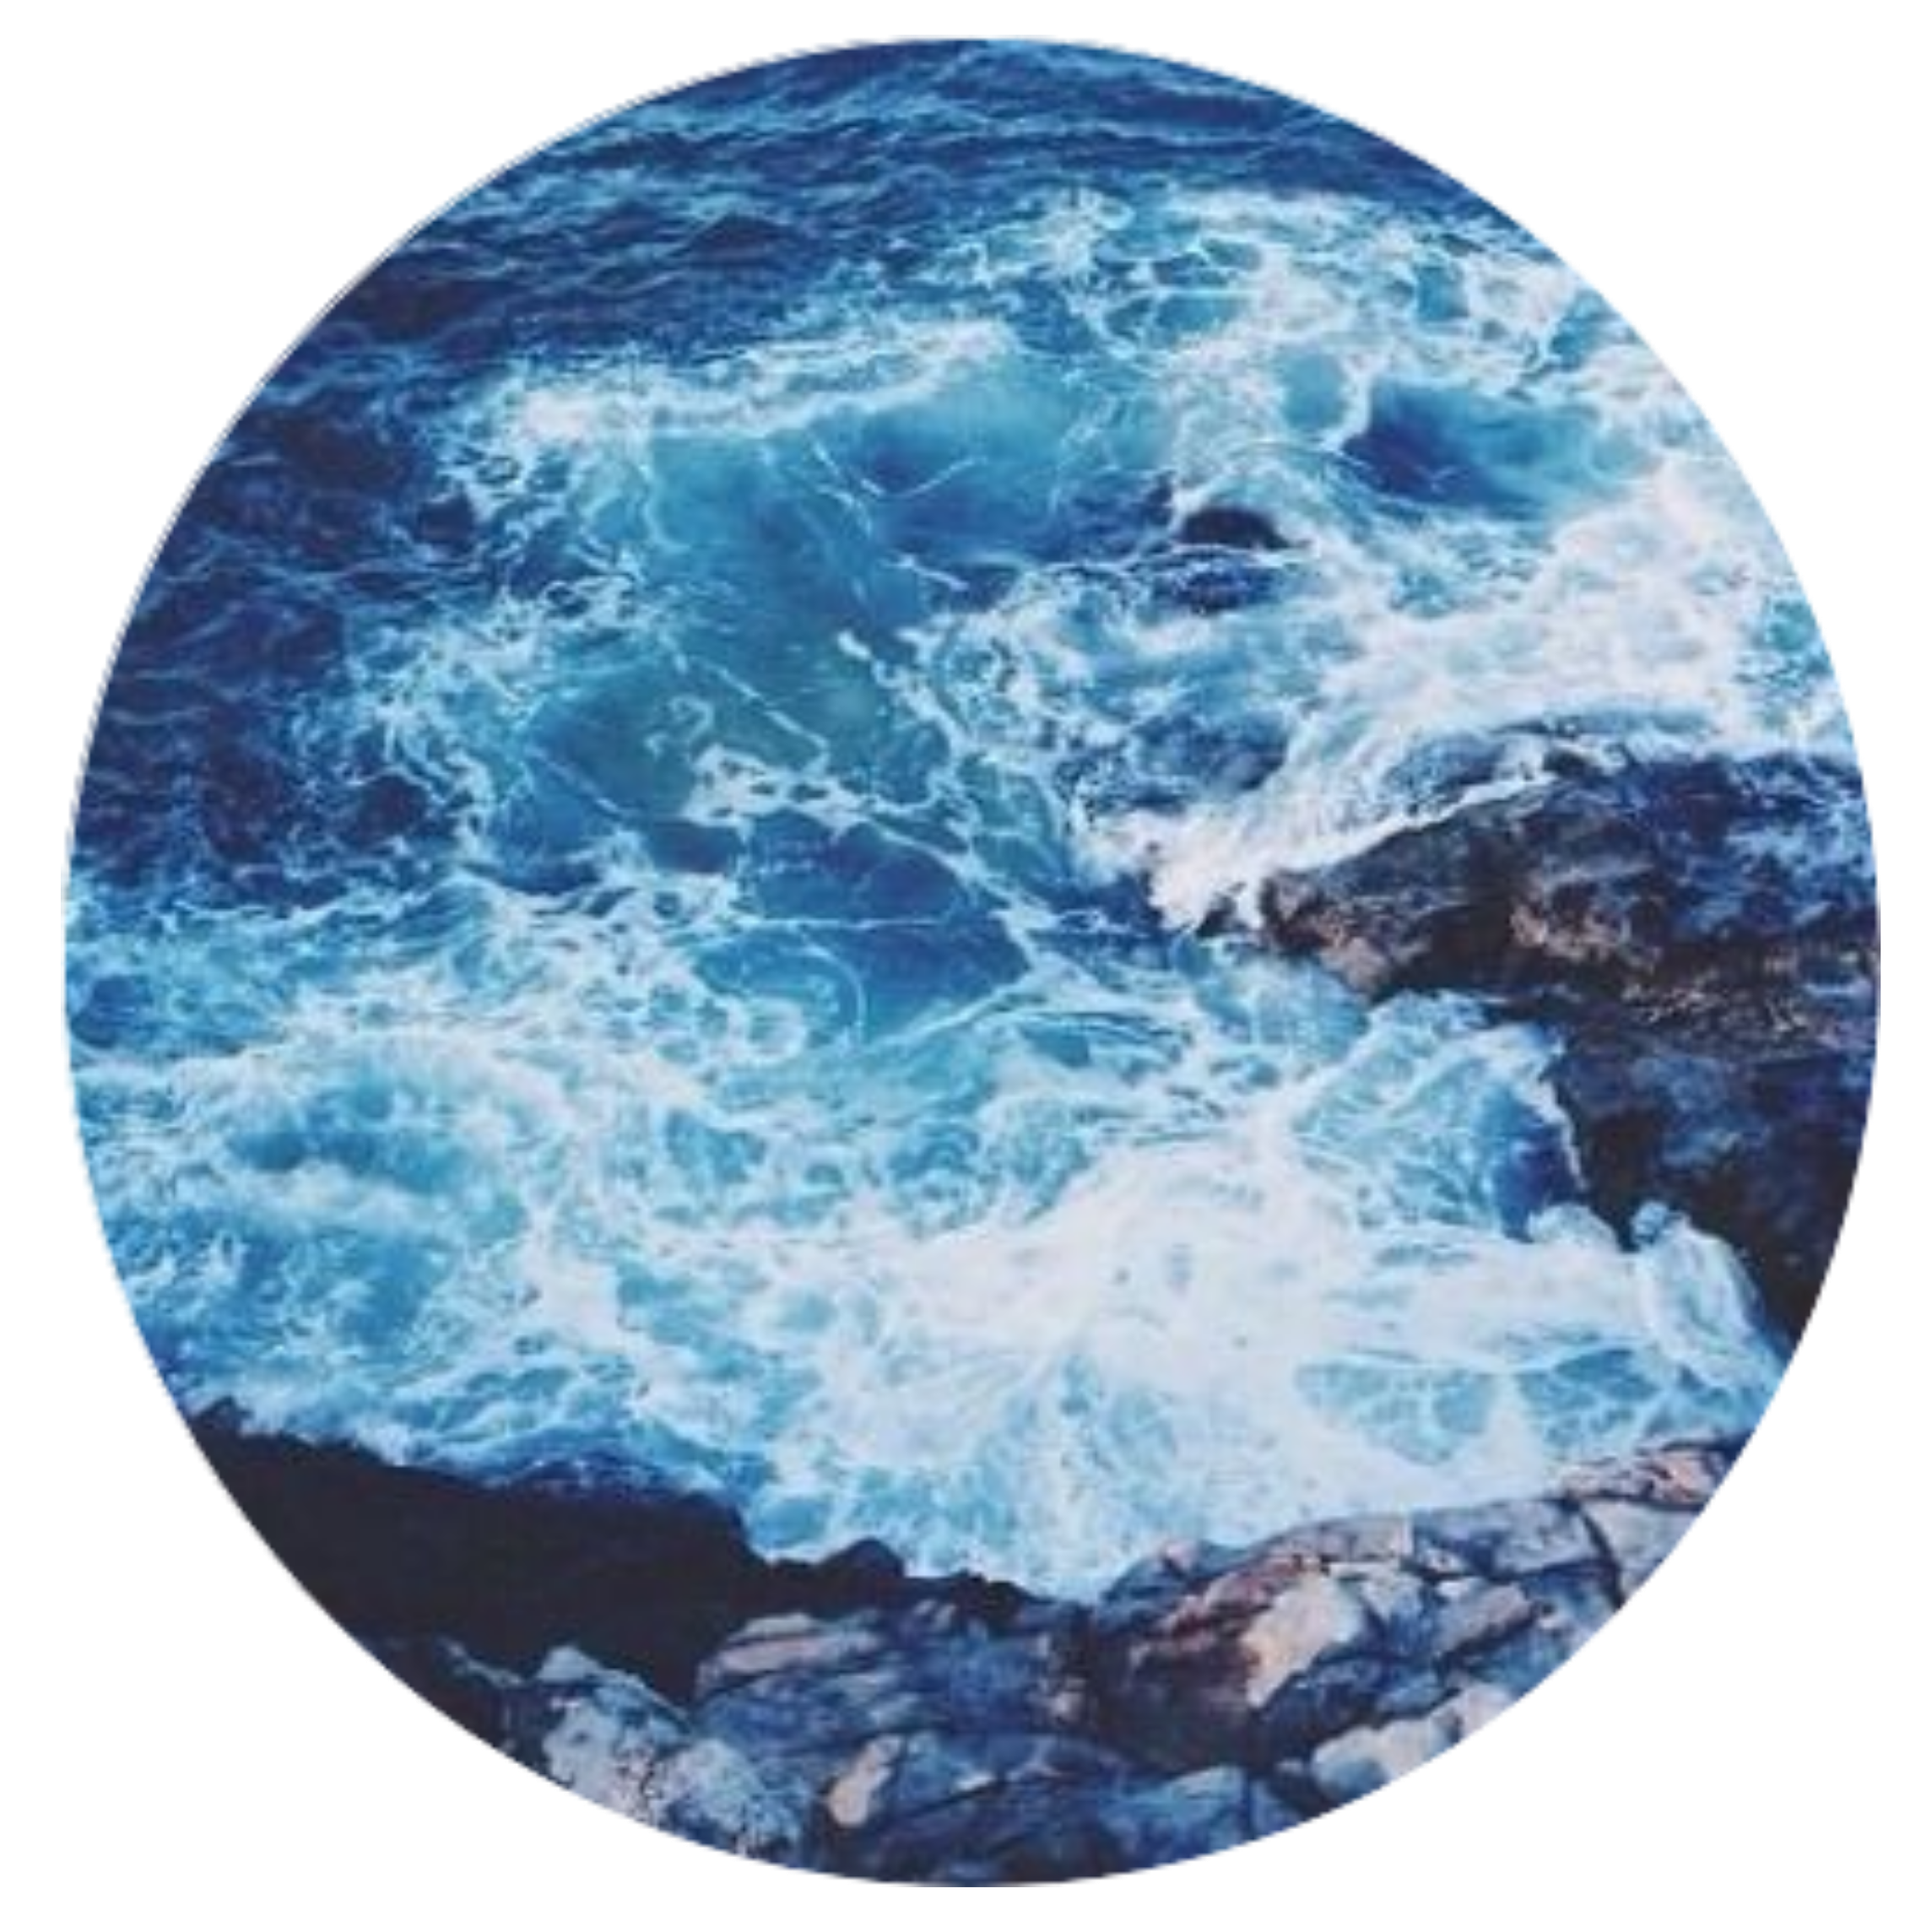 ocean tumblr aesthetic blue tumblrblue aestheticblue...